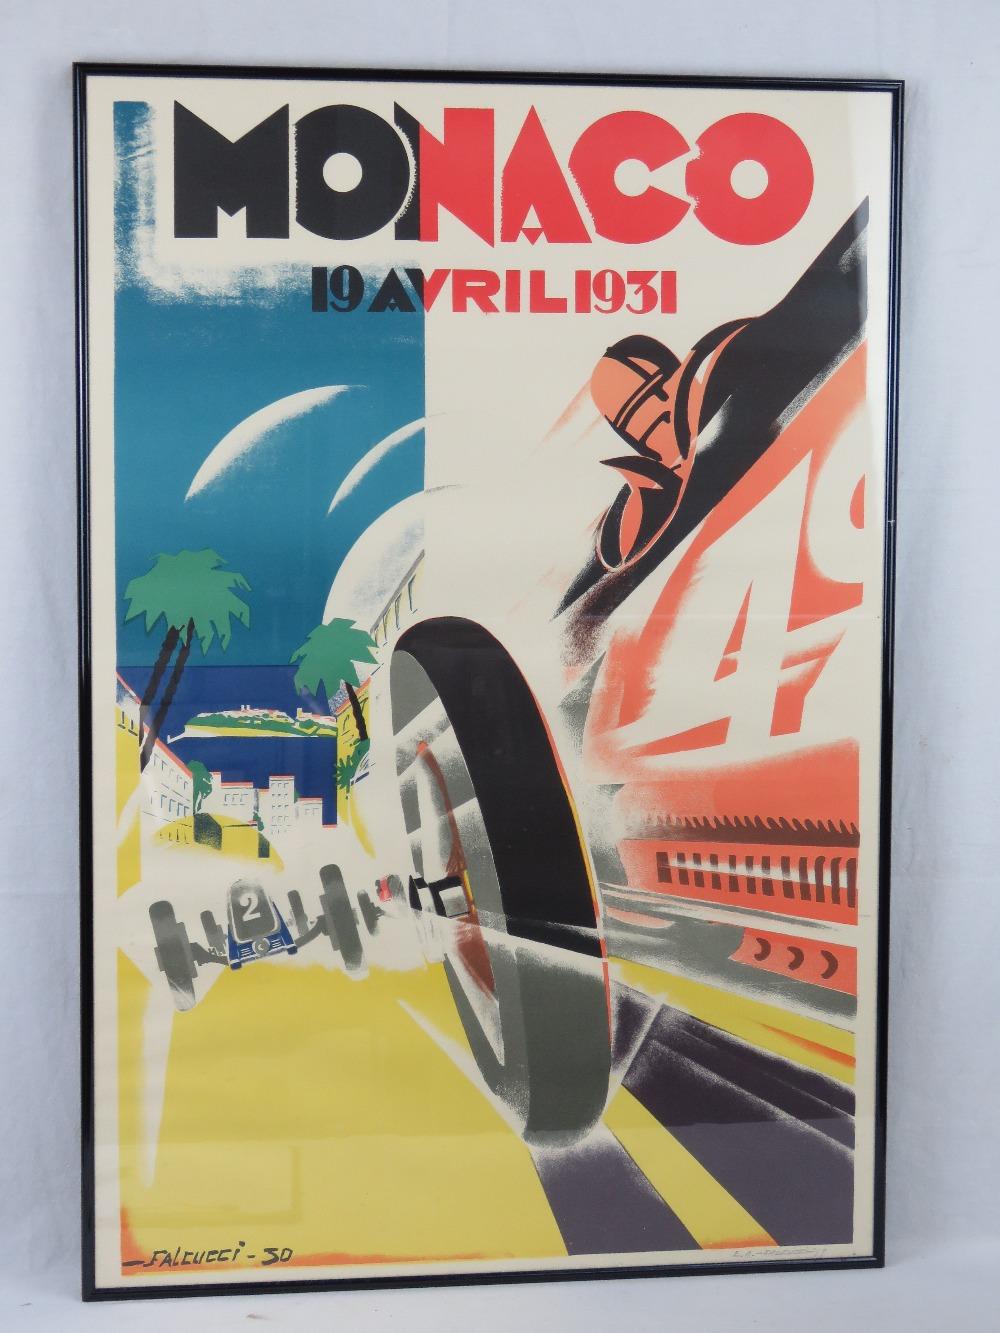 Lot 53 - A restrike 1931 Monaco Grand Prix poster